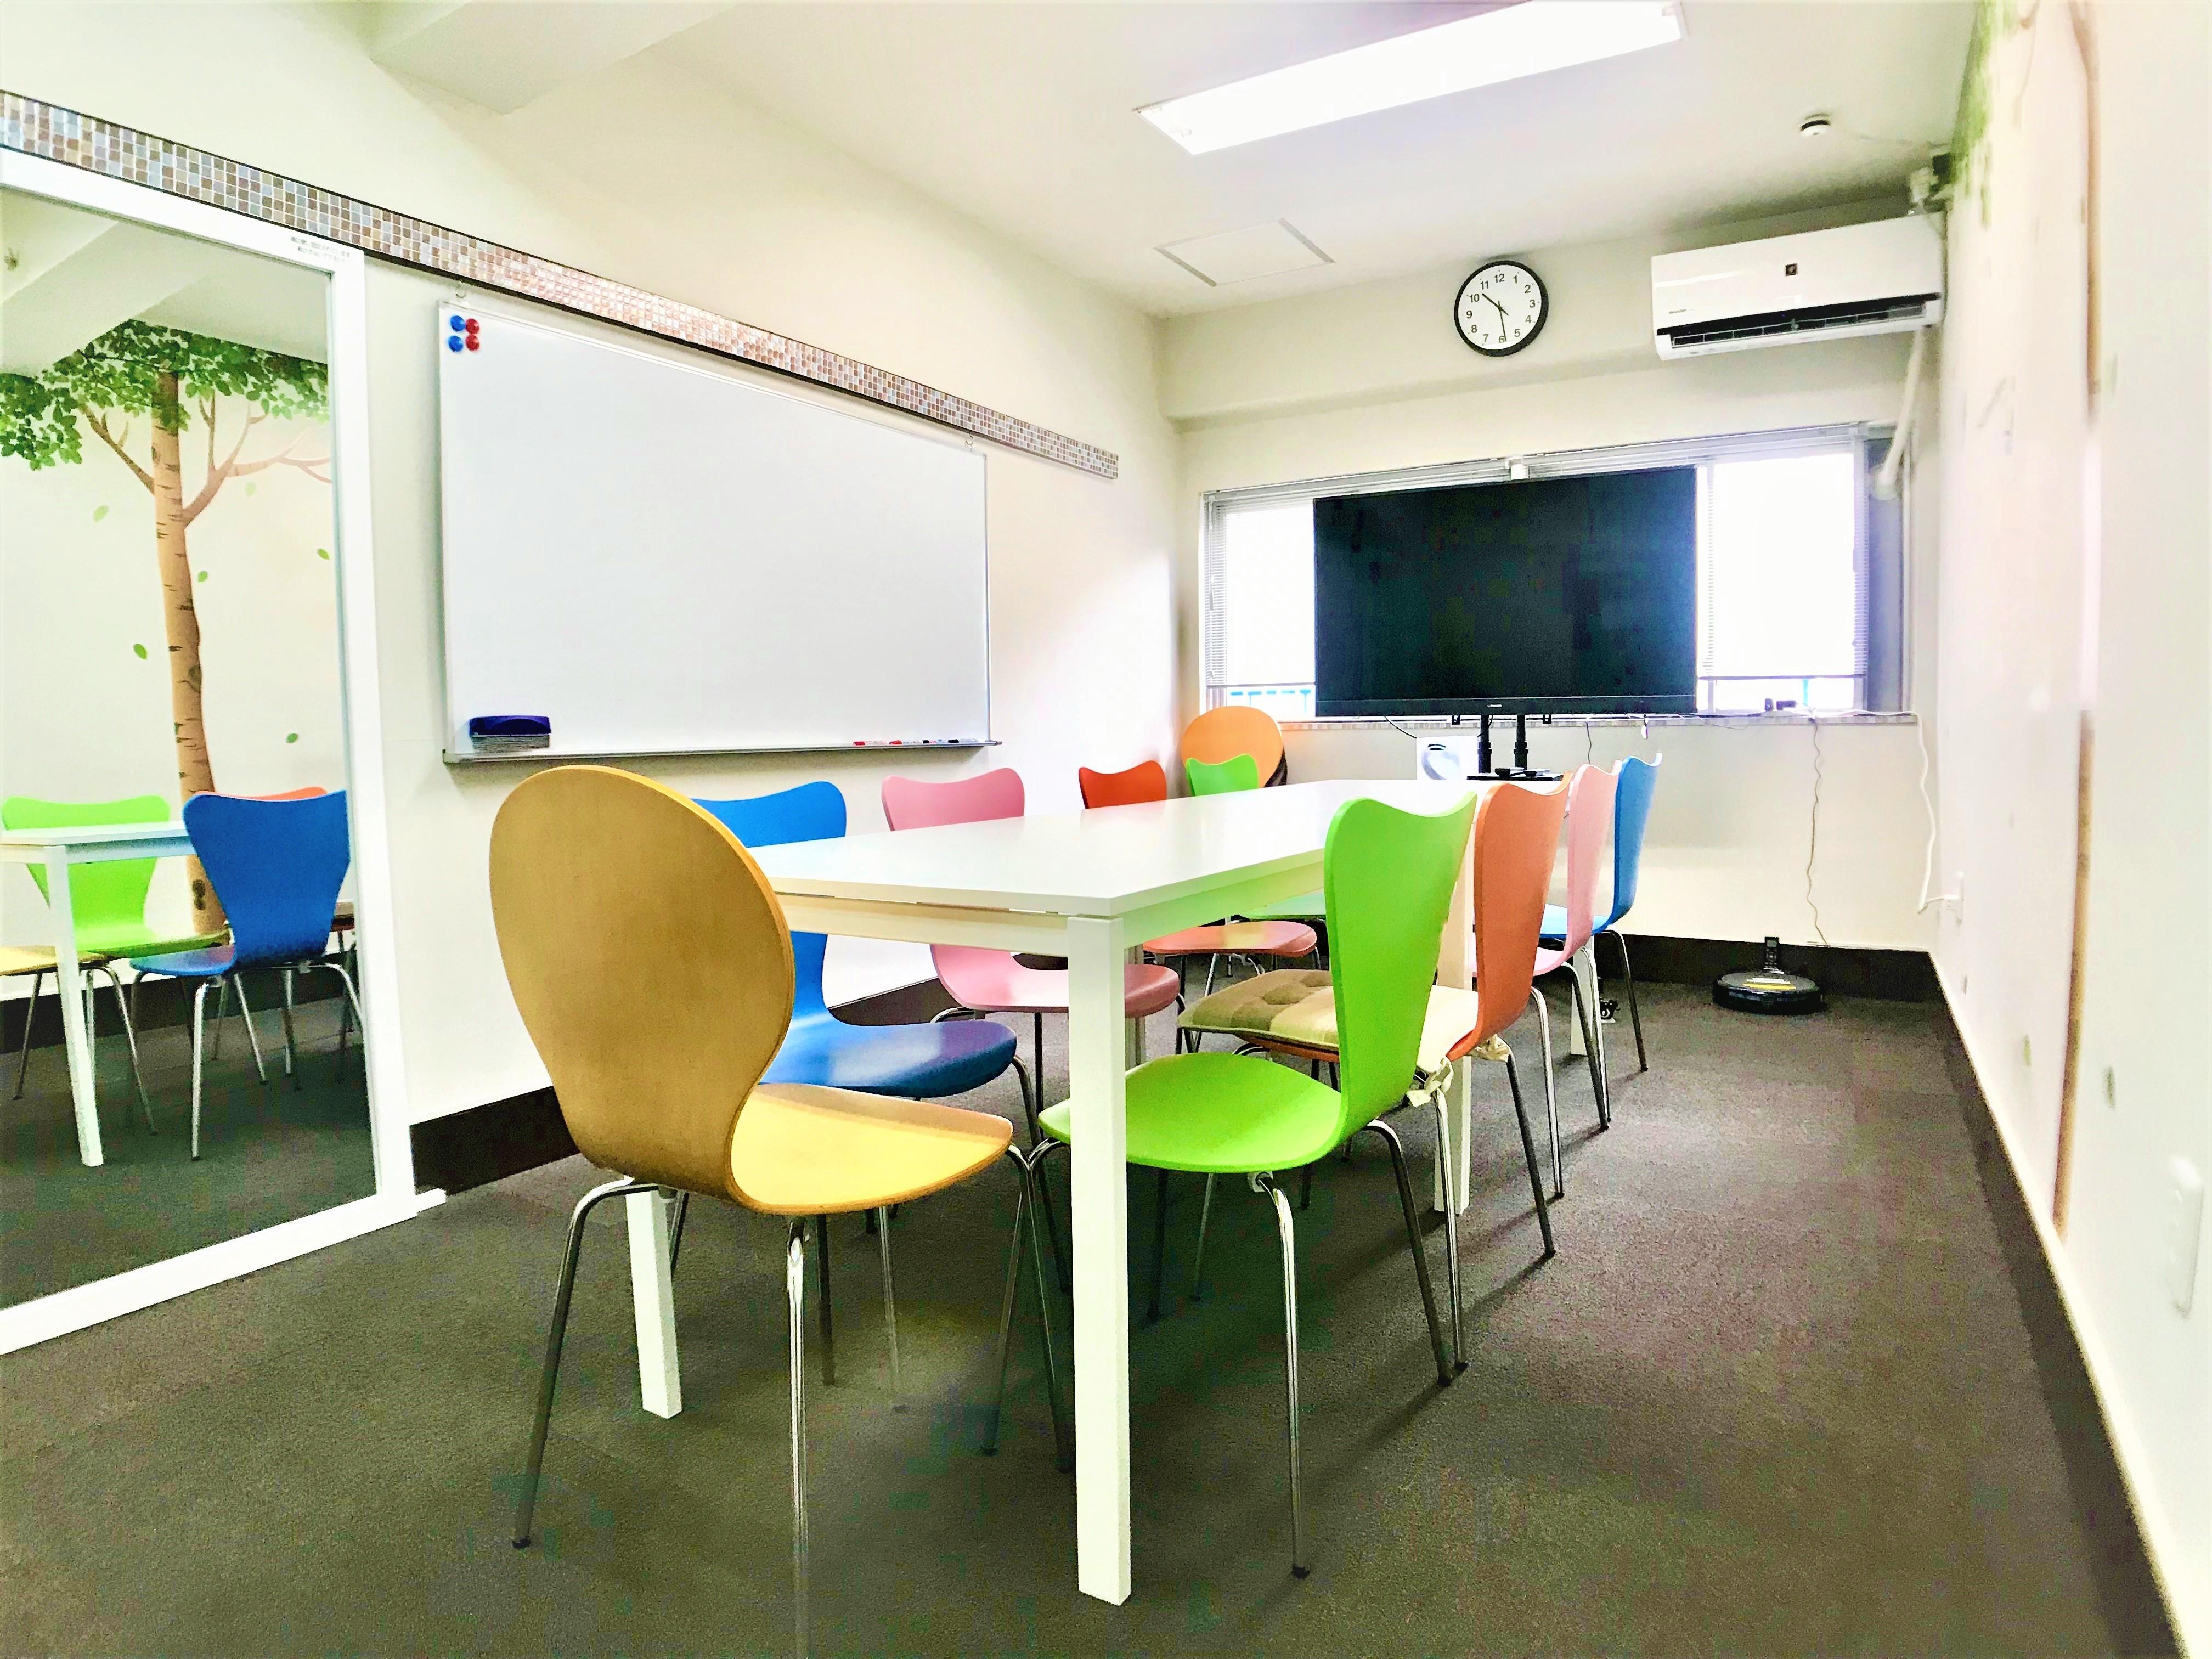 【西新橋のみんなの会議室】 お洒落で機能的な多目的スペースの室内の写真